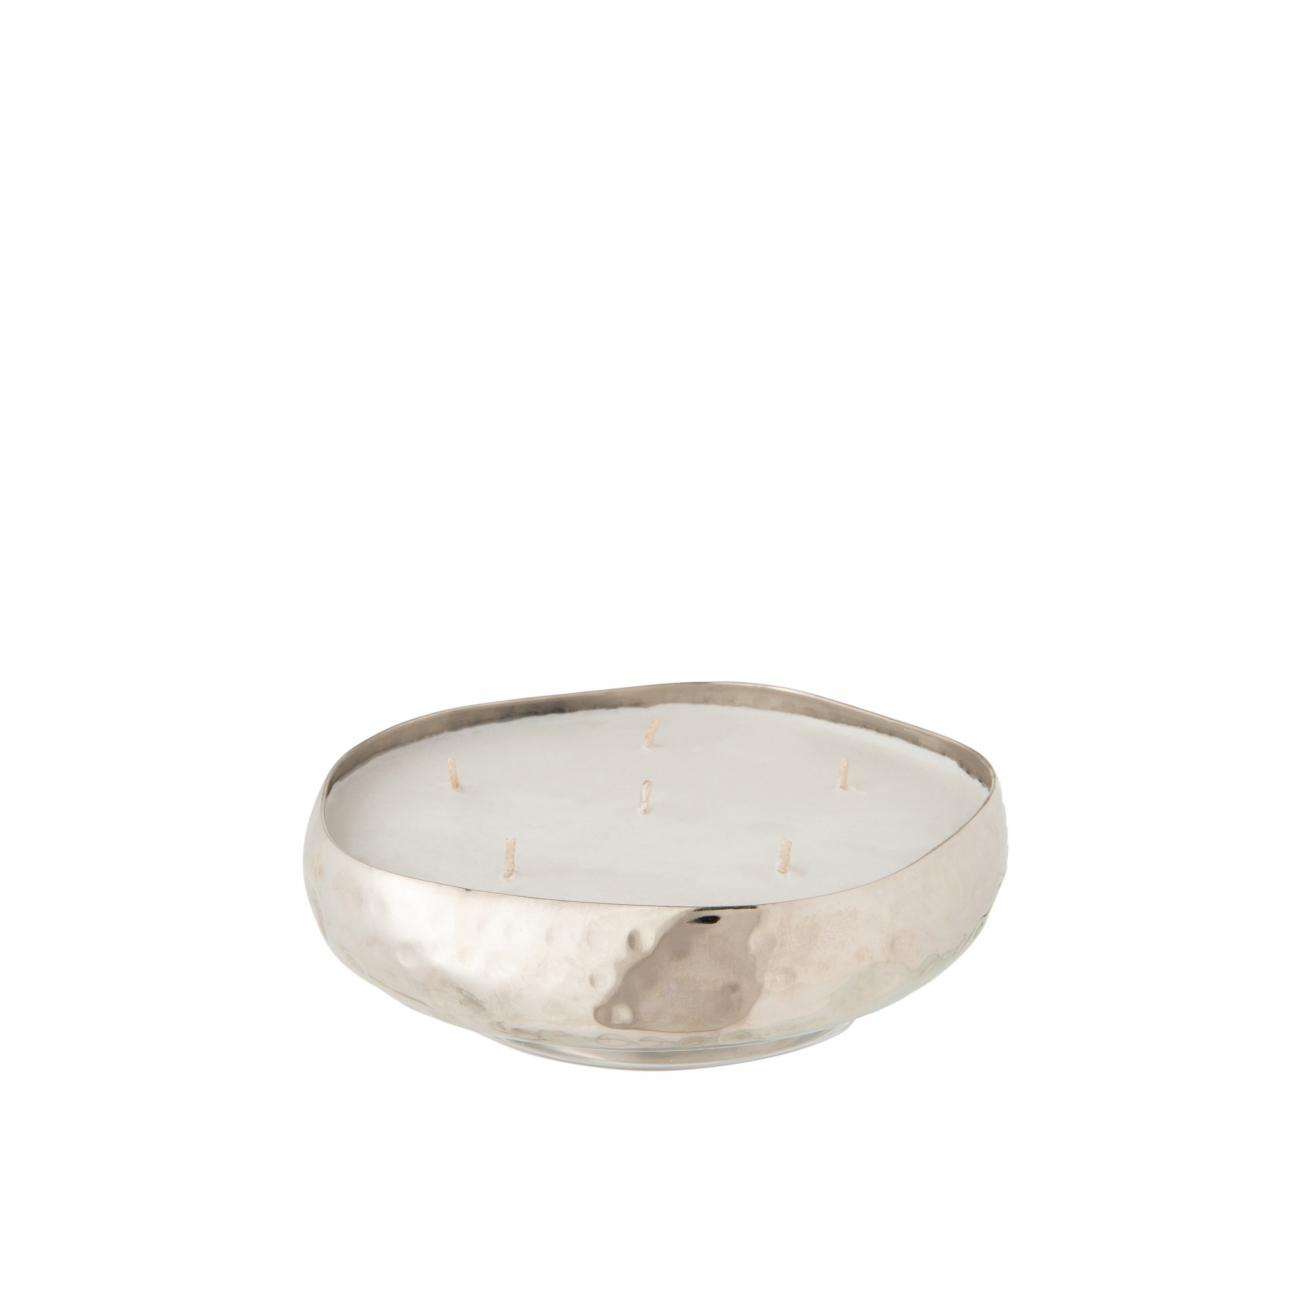 Свеча J-LINE ароматическая  в металлической серебряной шкатулке аромат дерево и амбра 20 часов Бельгия